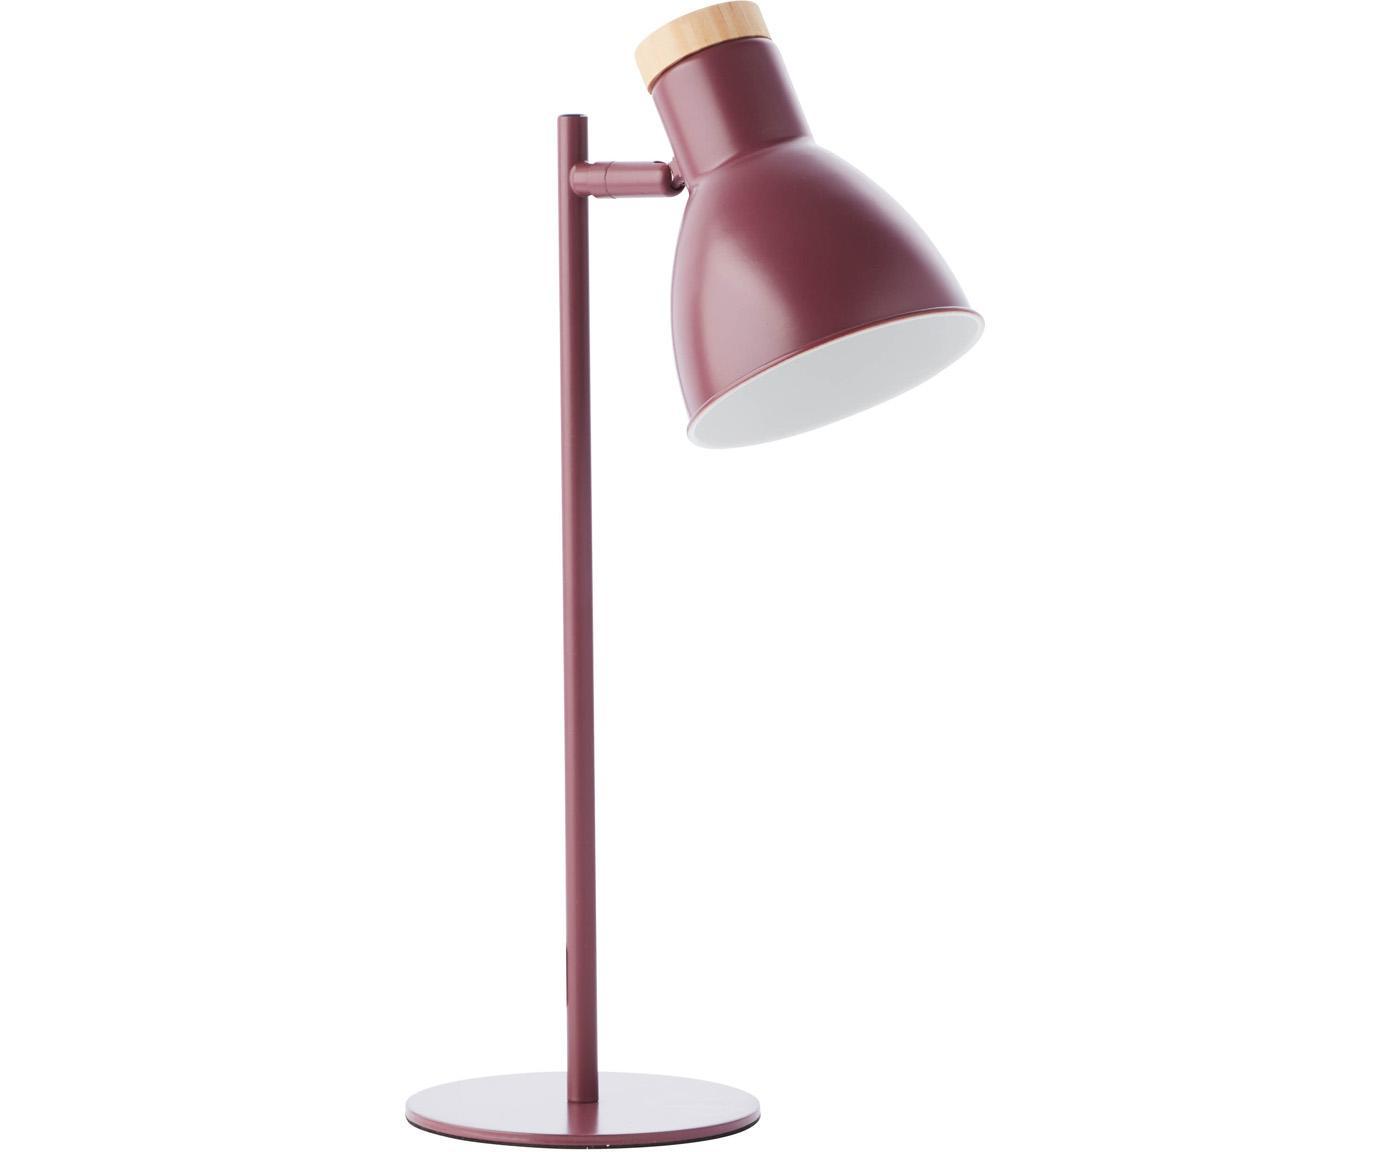 Schreibtischlampe Venea mit Holz-Dekor, Lampenschirm: Metall, Dekor: Holz, Dunkelrosa, Braun, Ø 15 x H 47 cm